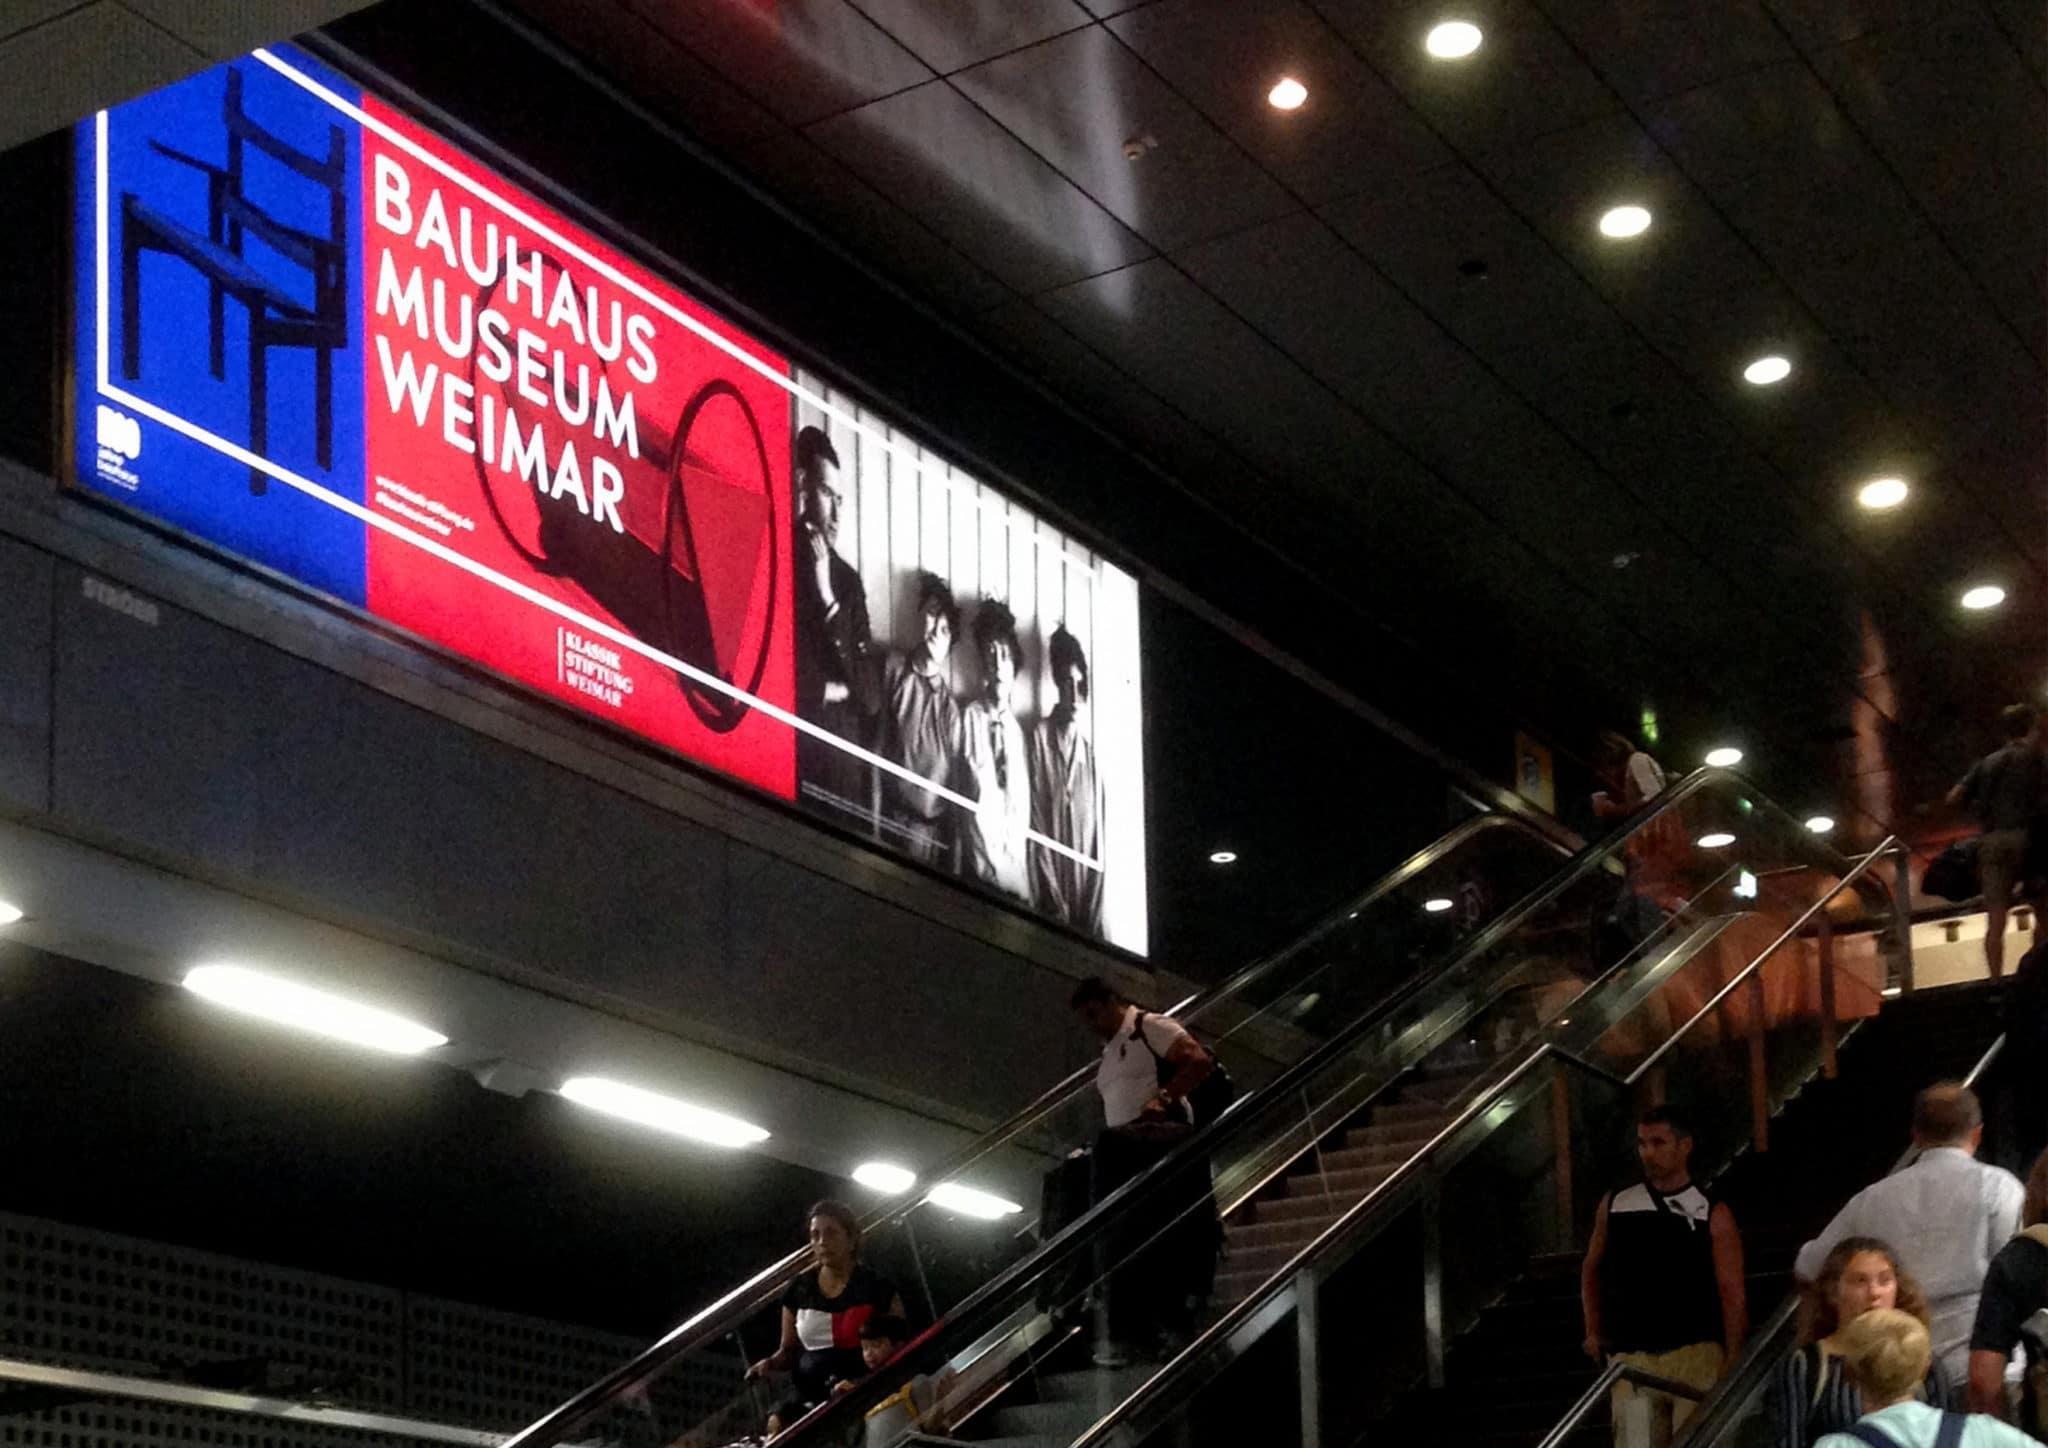 Weimarin Bauhaus-museon valomainos metrokäytävässä.